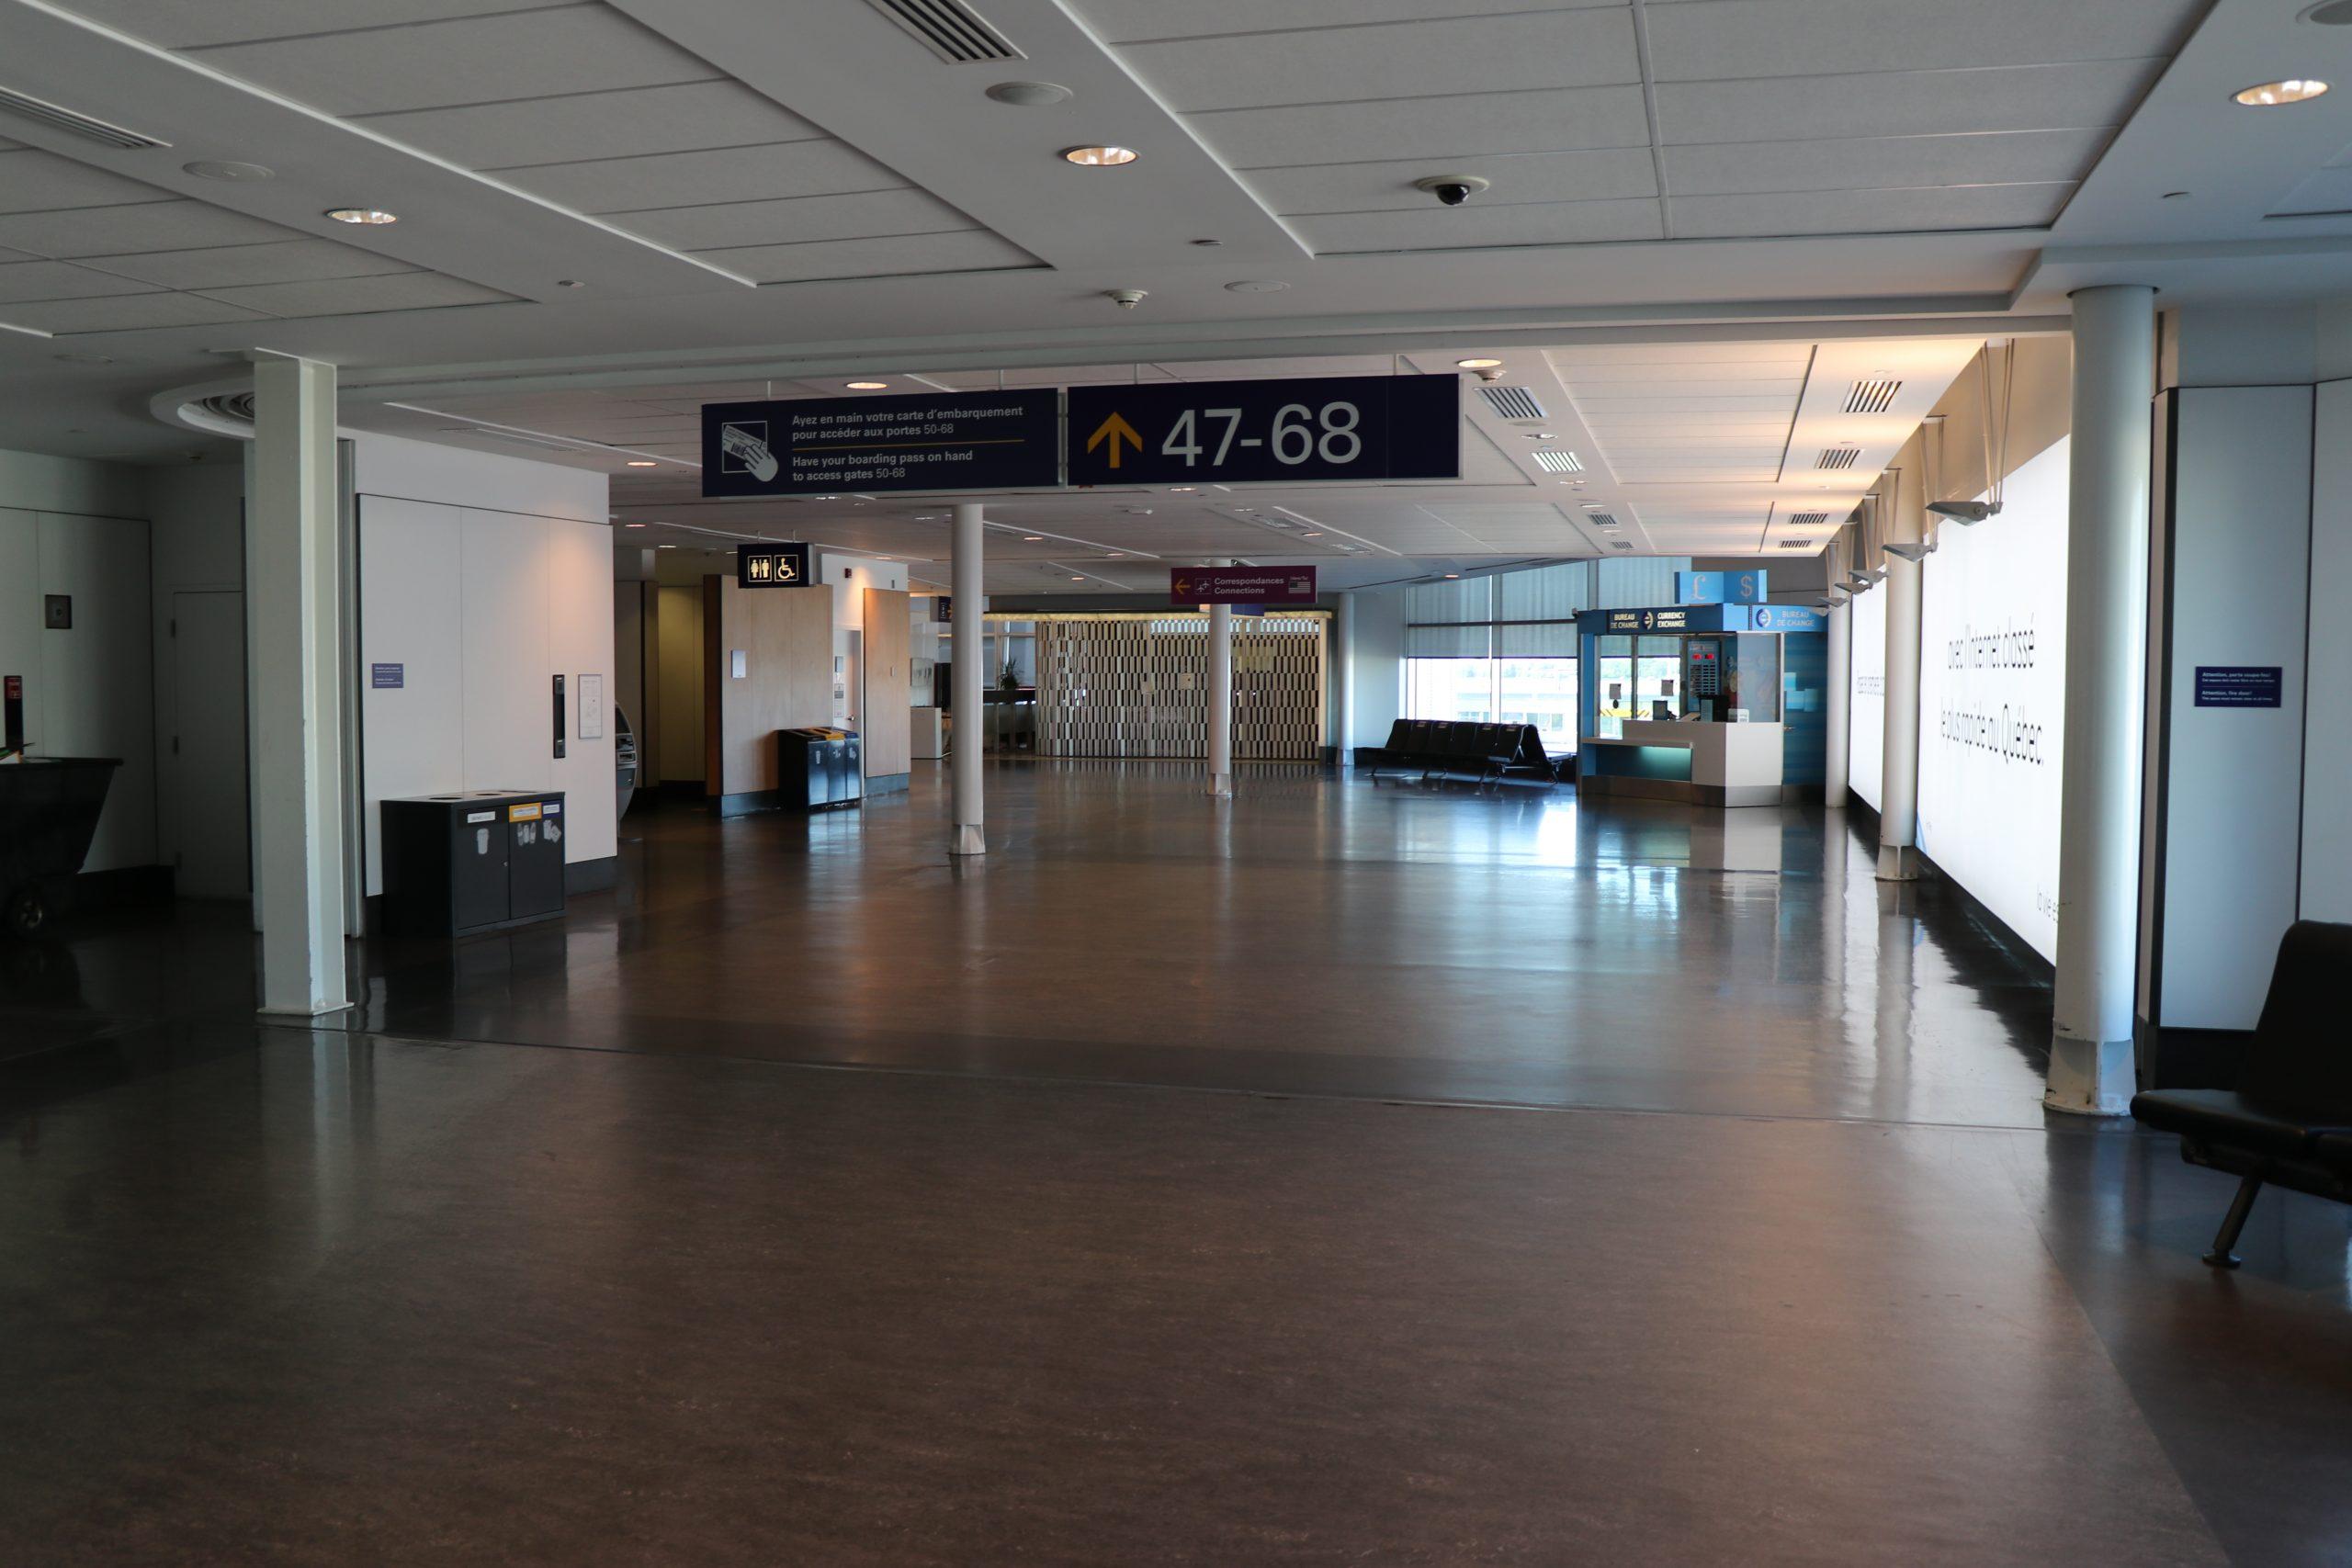 Oui, il y aura des tests à l'aéroport de Montréal… mais non, ce n'est pas encourageant